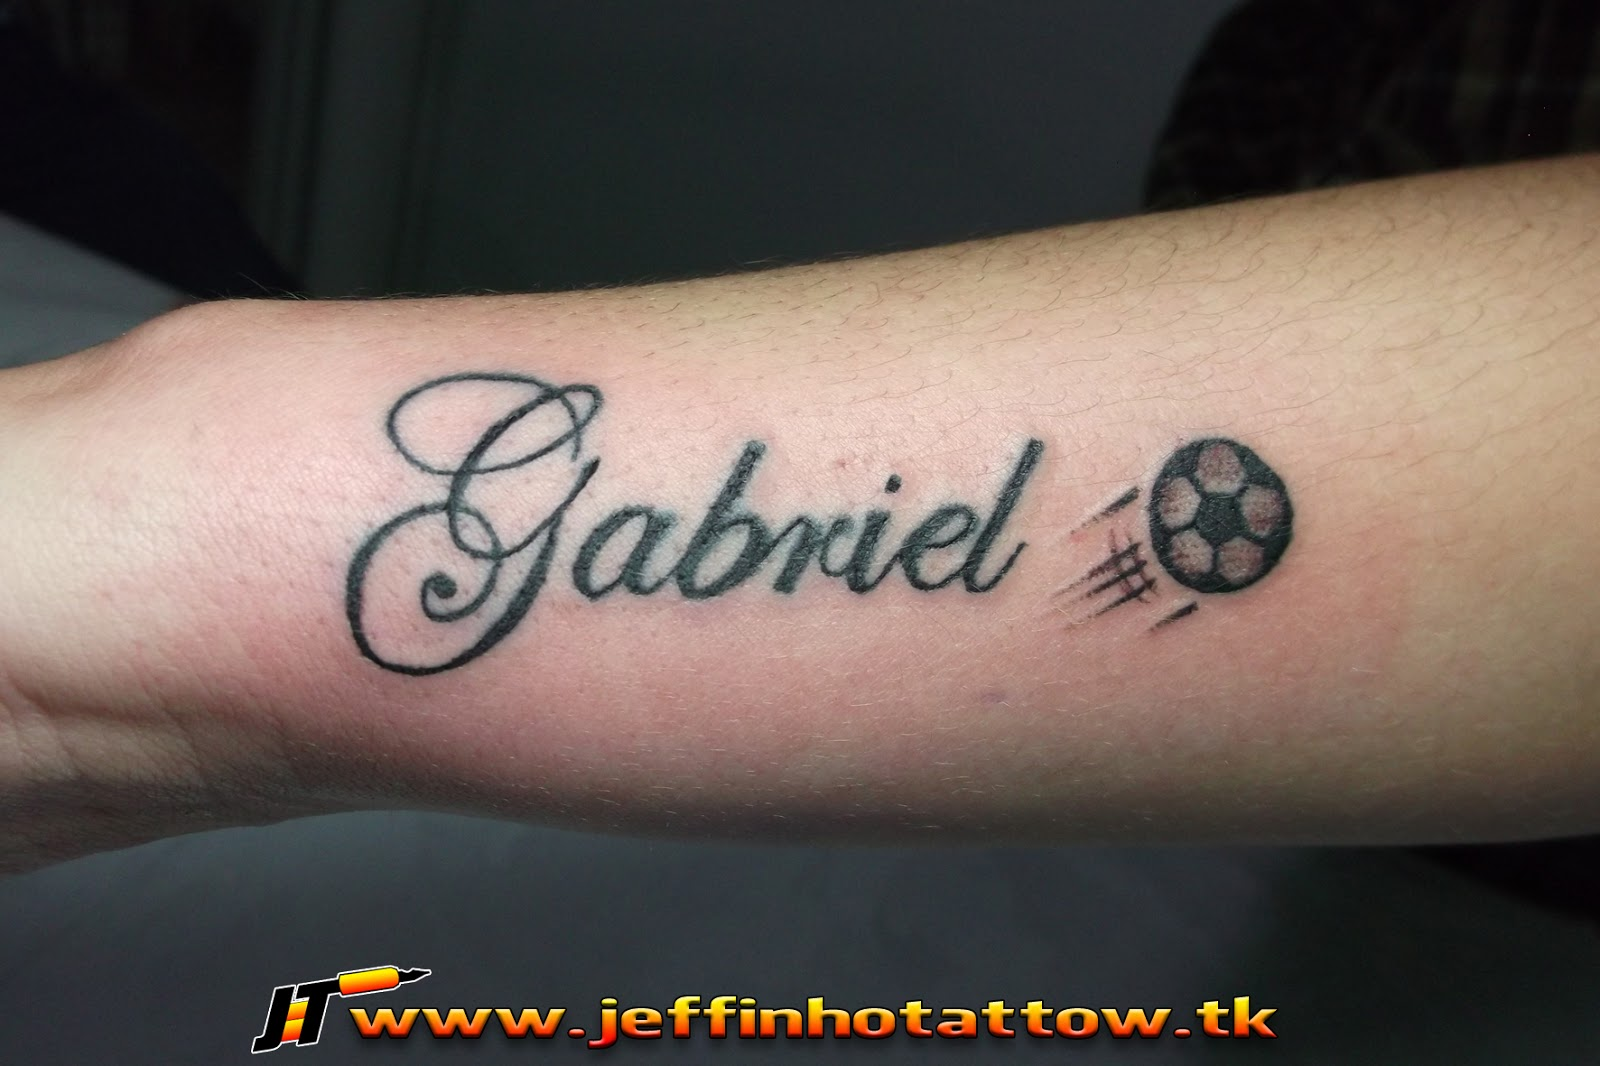 Jeffinho tattow tatuador campo mouro paran brasil jeffinho tattow tatuador campo mouro paran brasil tatuagens de letras 4 altavistaventures Image collections